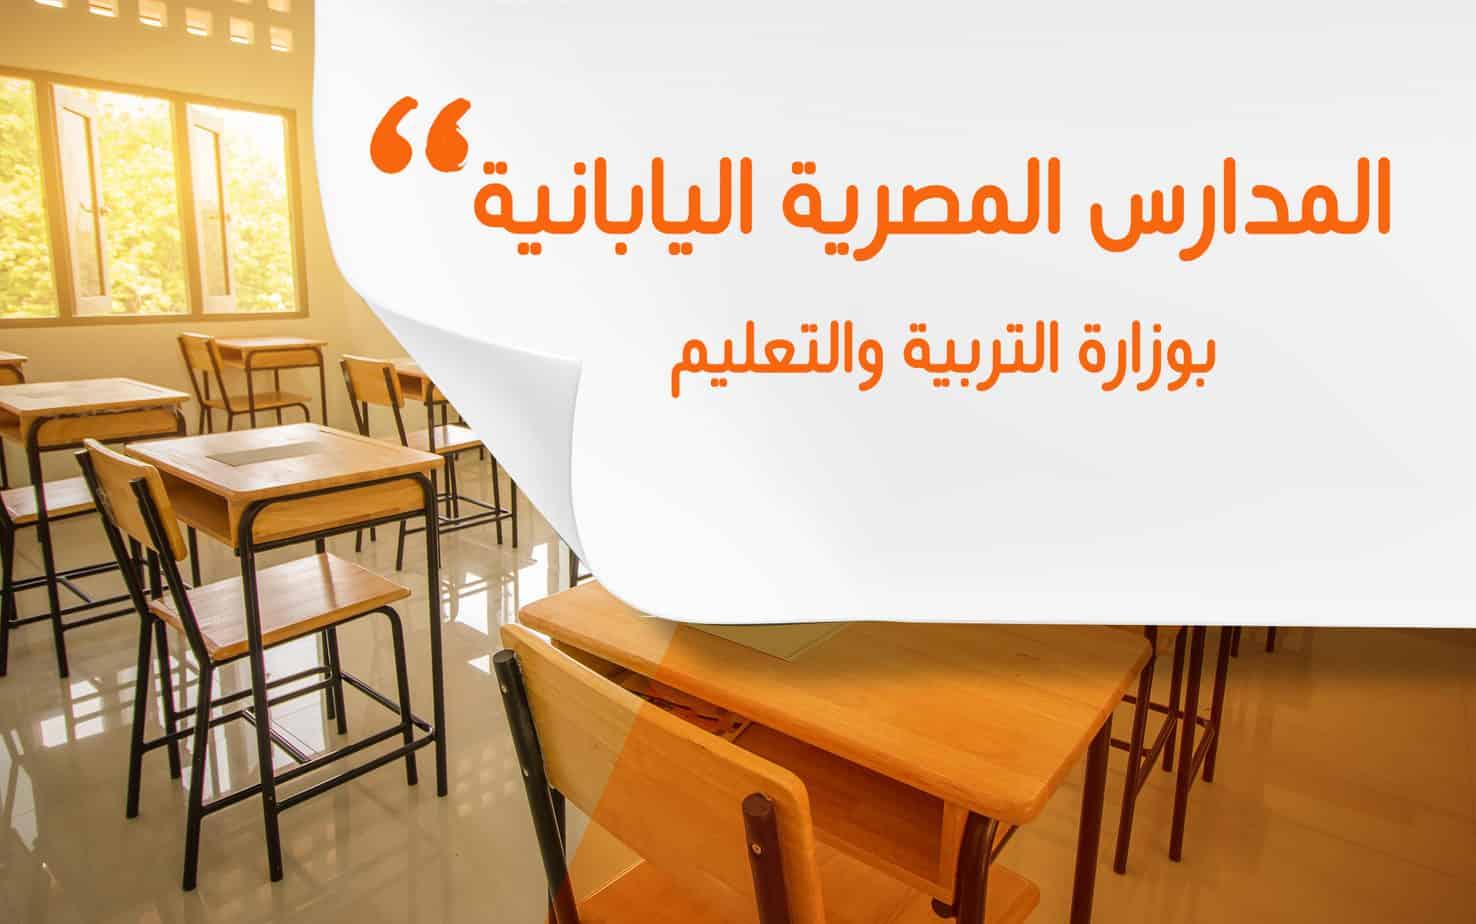 المدارس المصرية اليابانية بوزارة التربية والتعليم